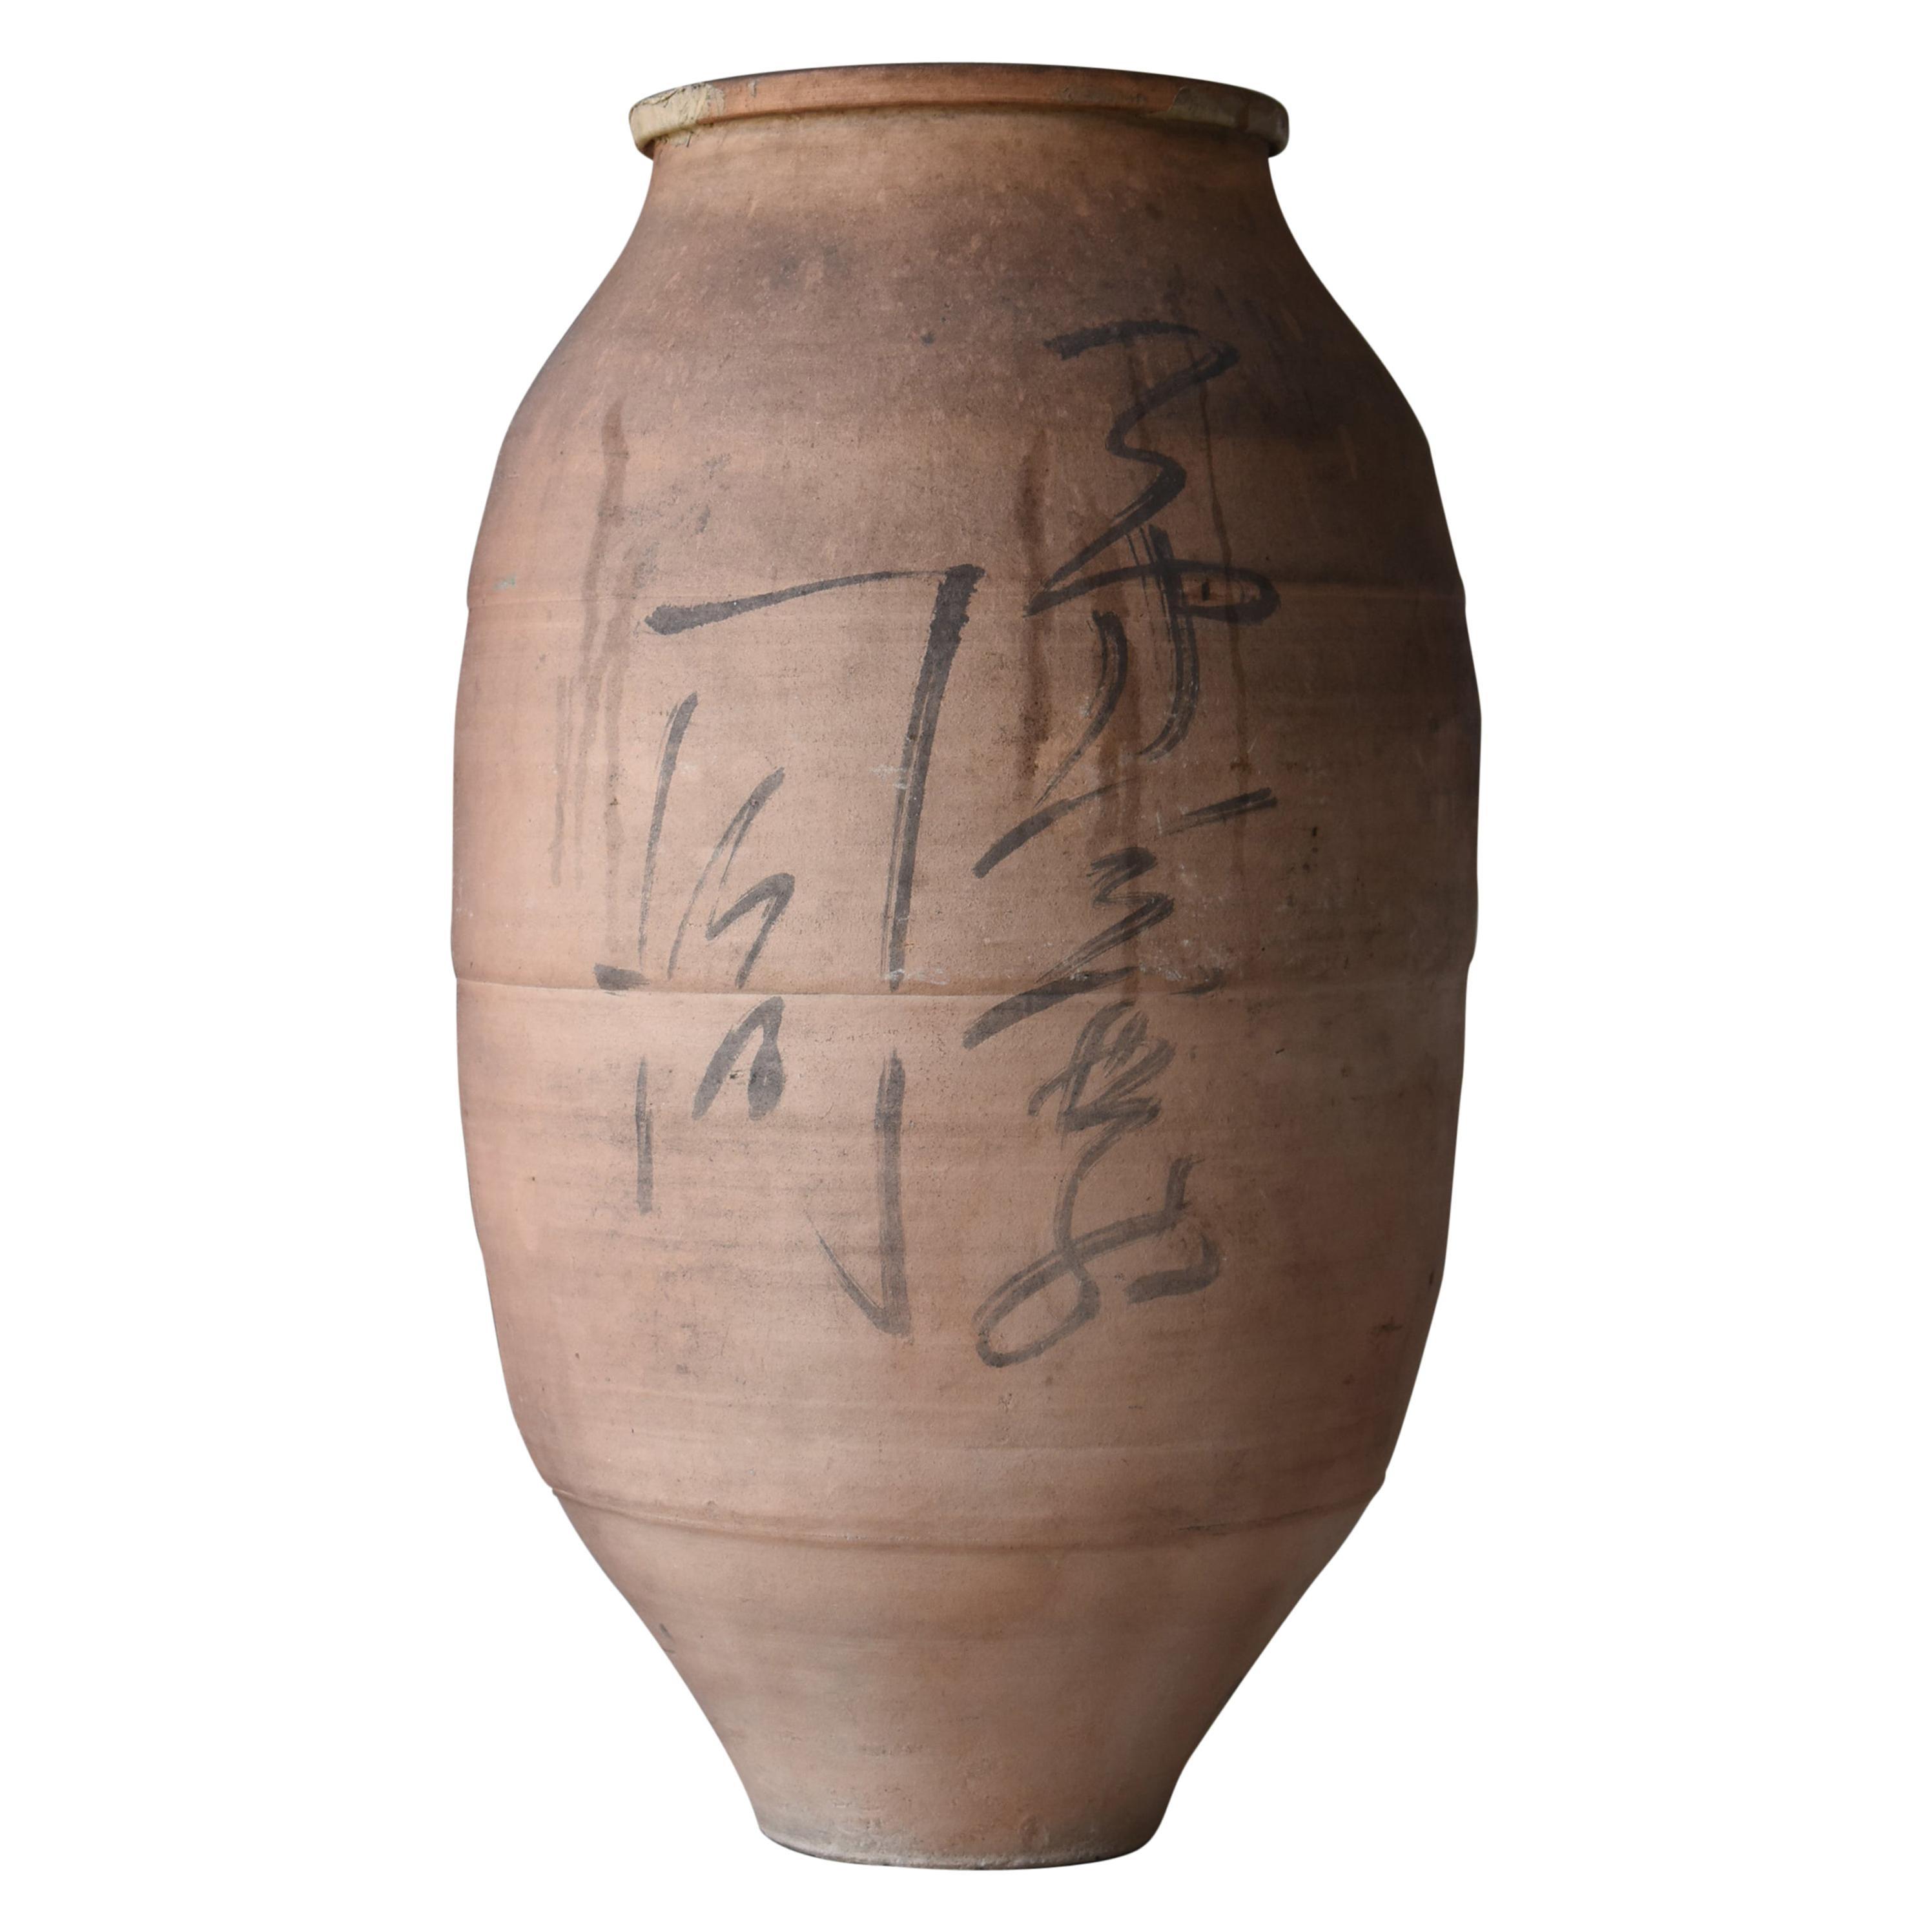 Japanese Old Pottery 1860s-1920s/Antique Flower Vase Vessel Jar Wabisabi Art